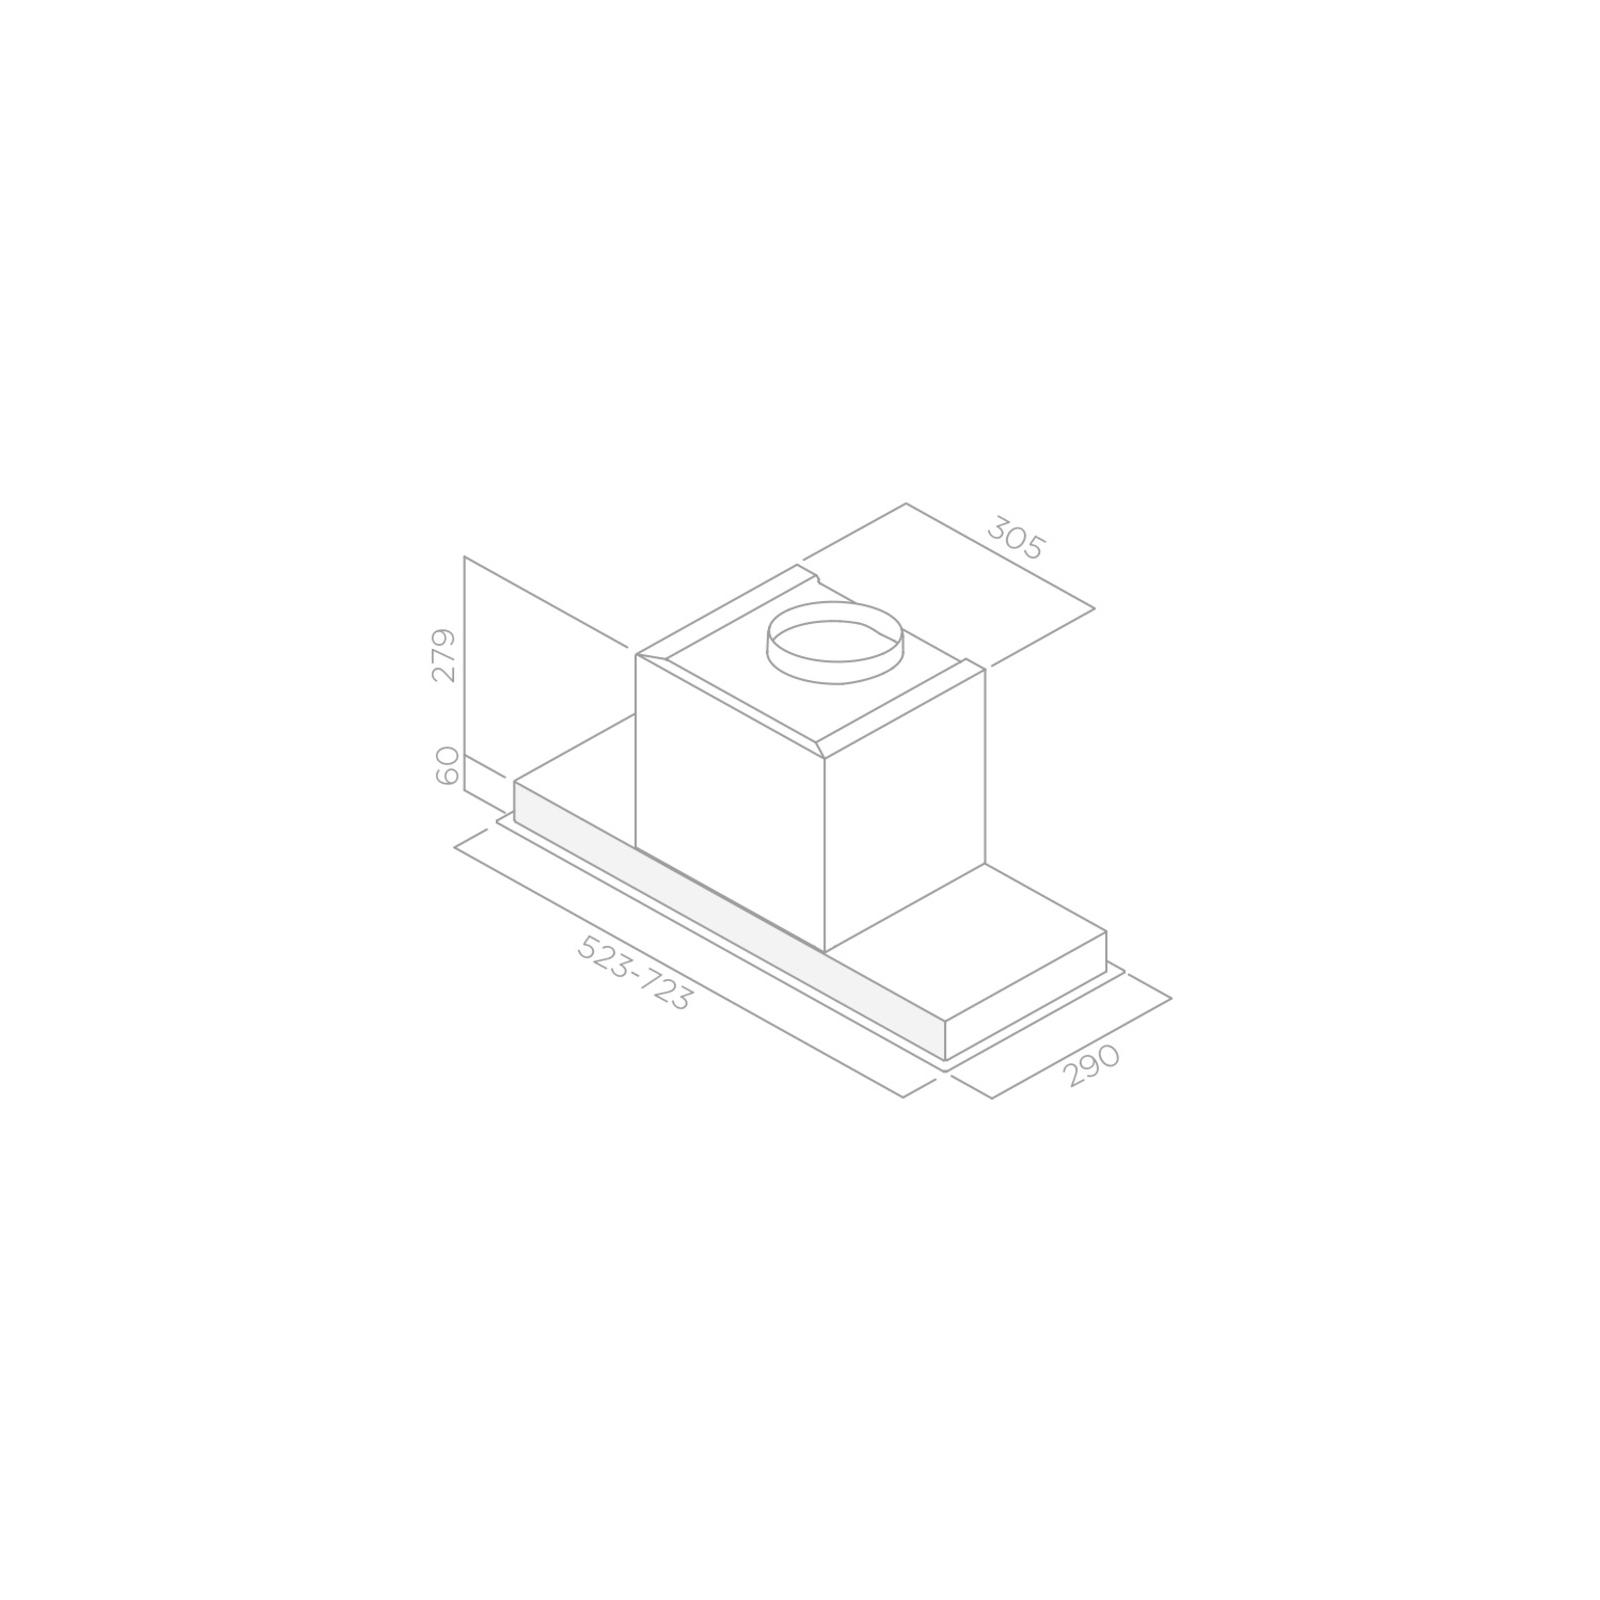 Вытяжка кухонная ELICA HIDDEN IX/A/60 изображение 3